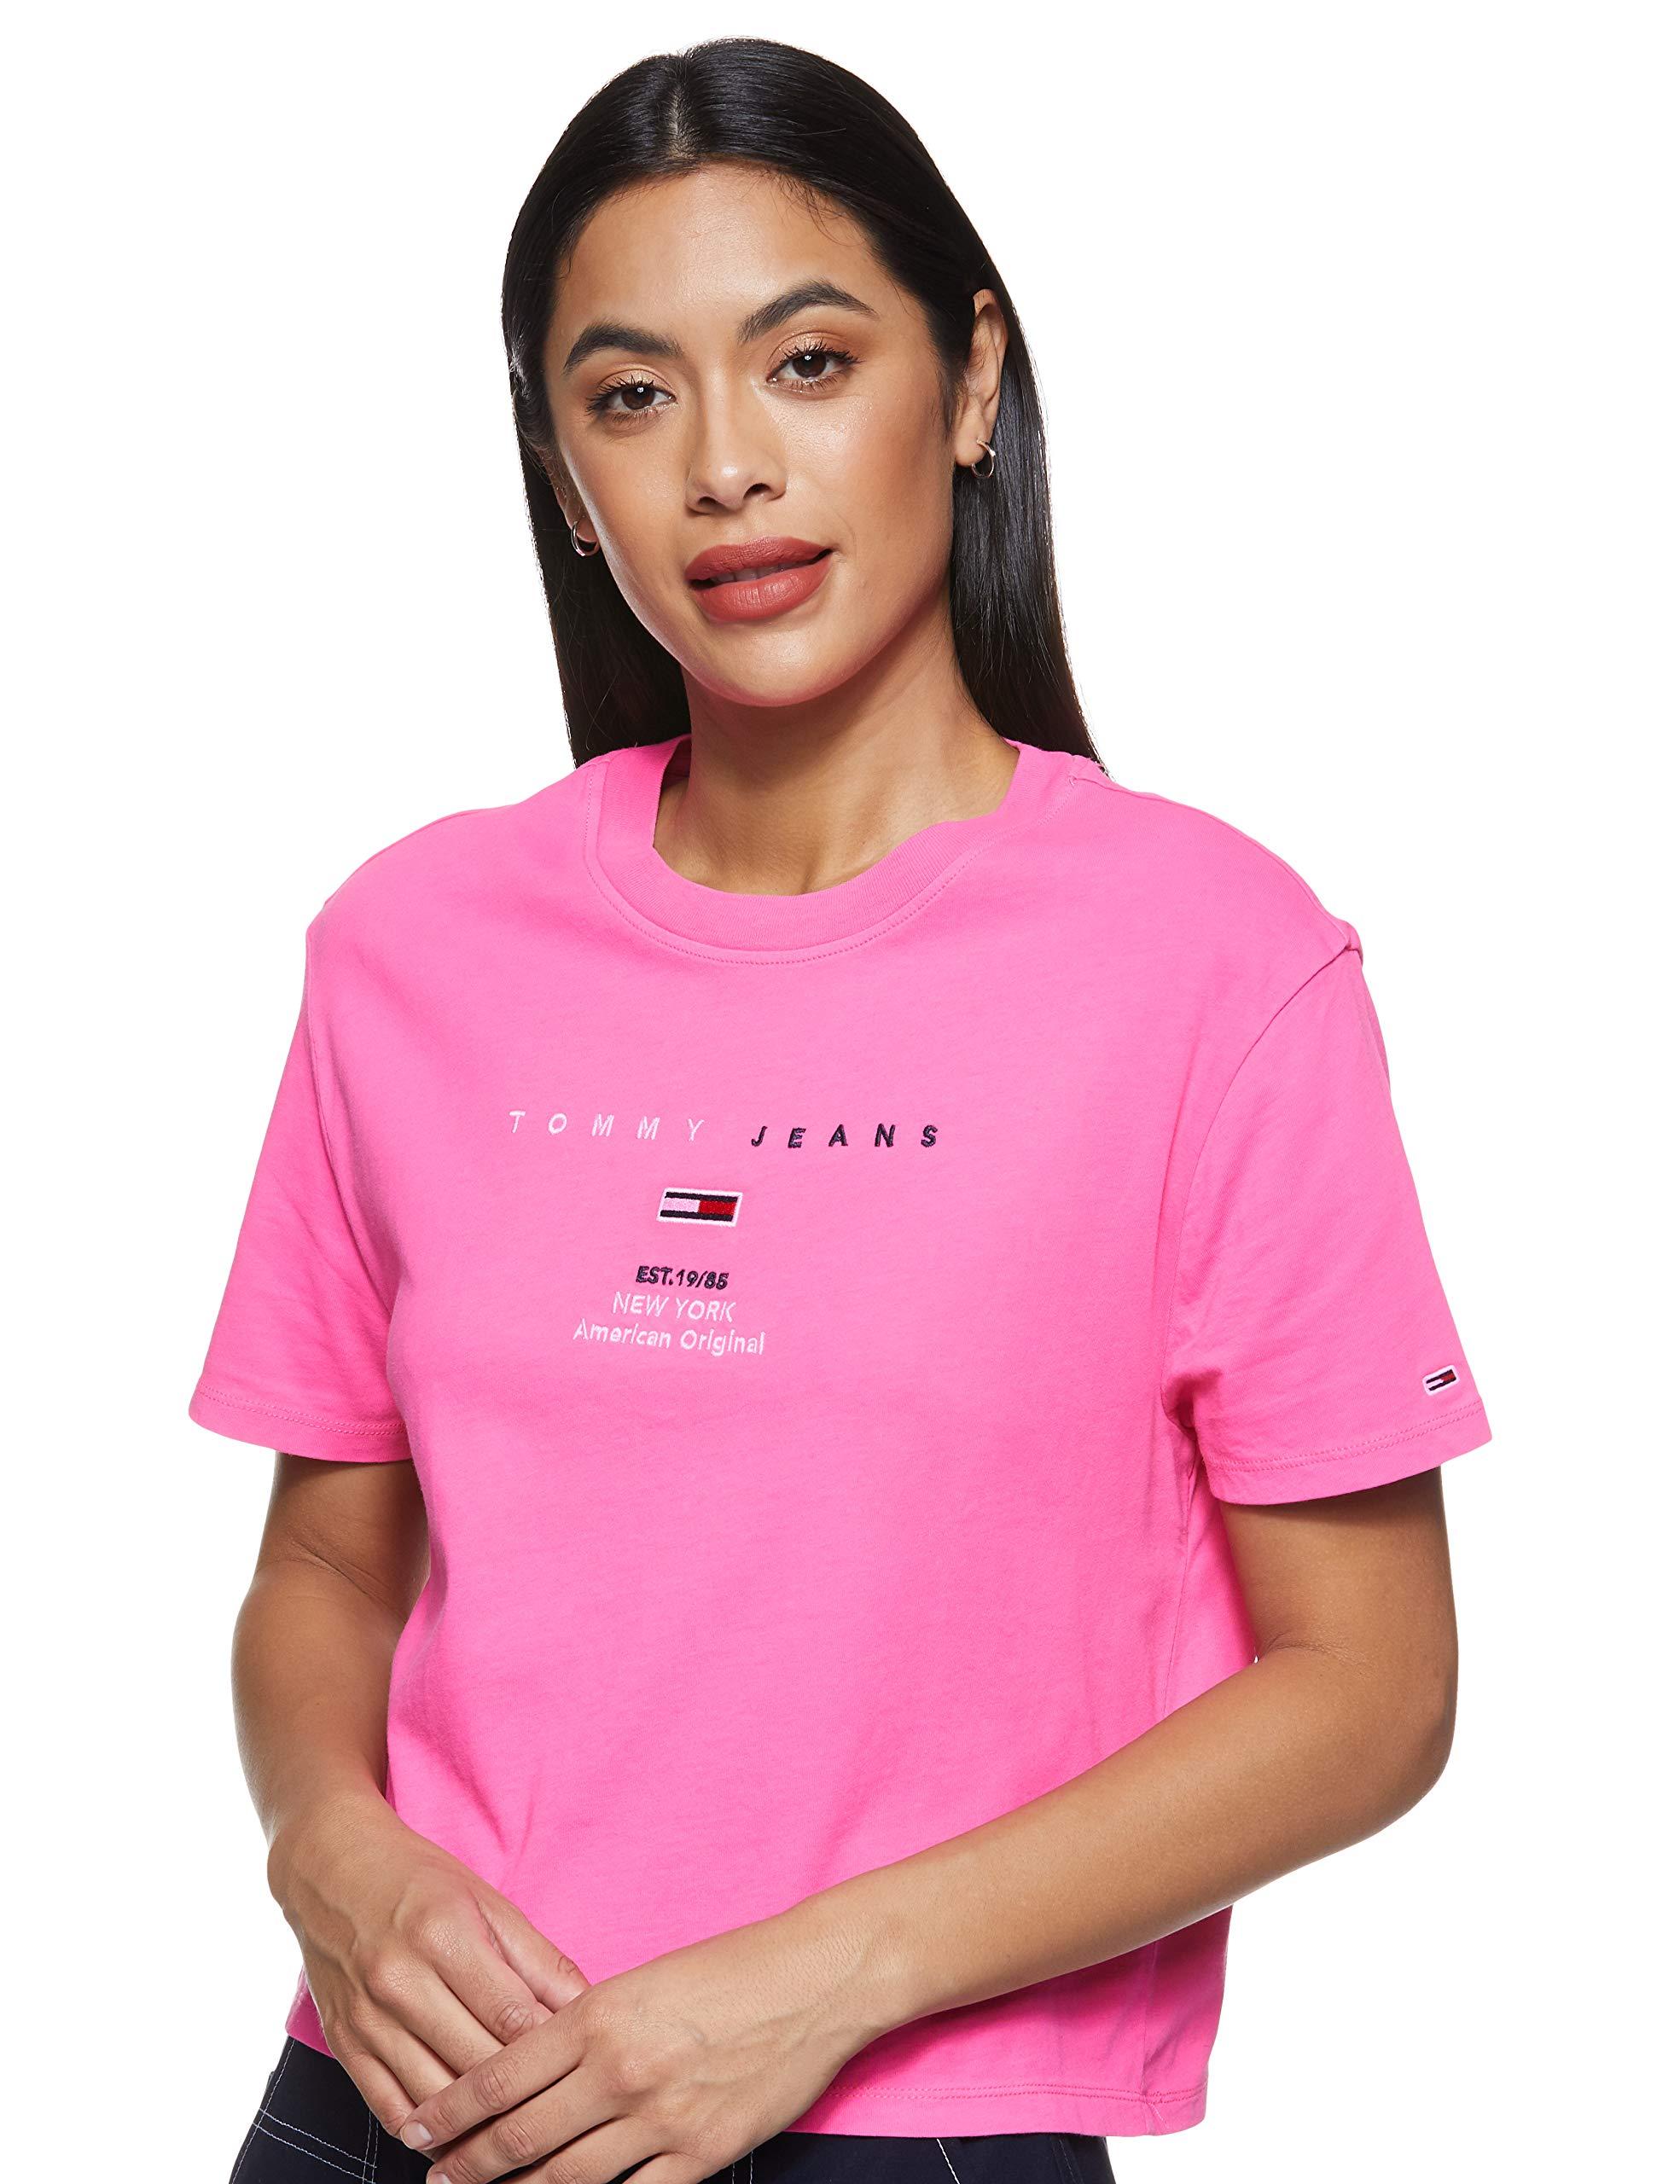 Tommy Hilfiger Women's TJW Logo Text T-Shirt